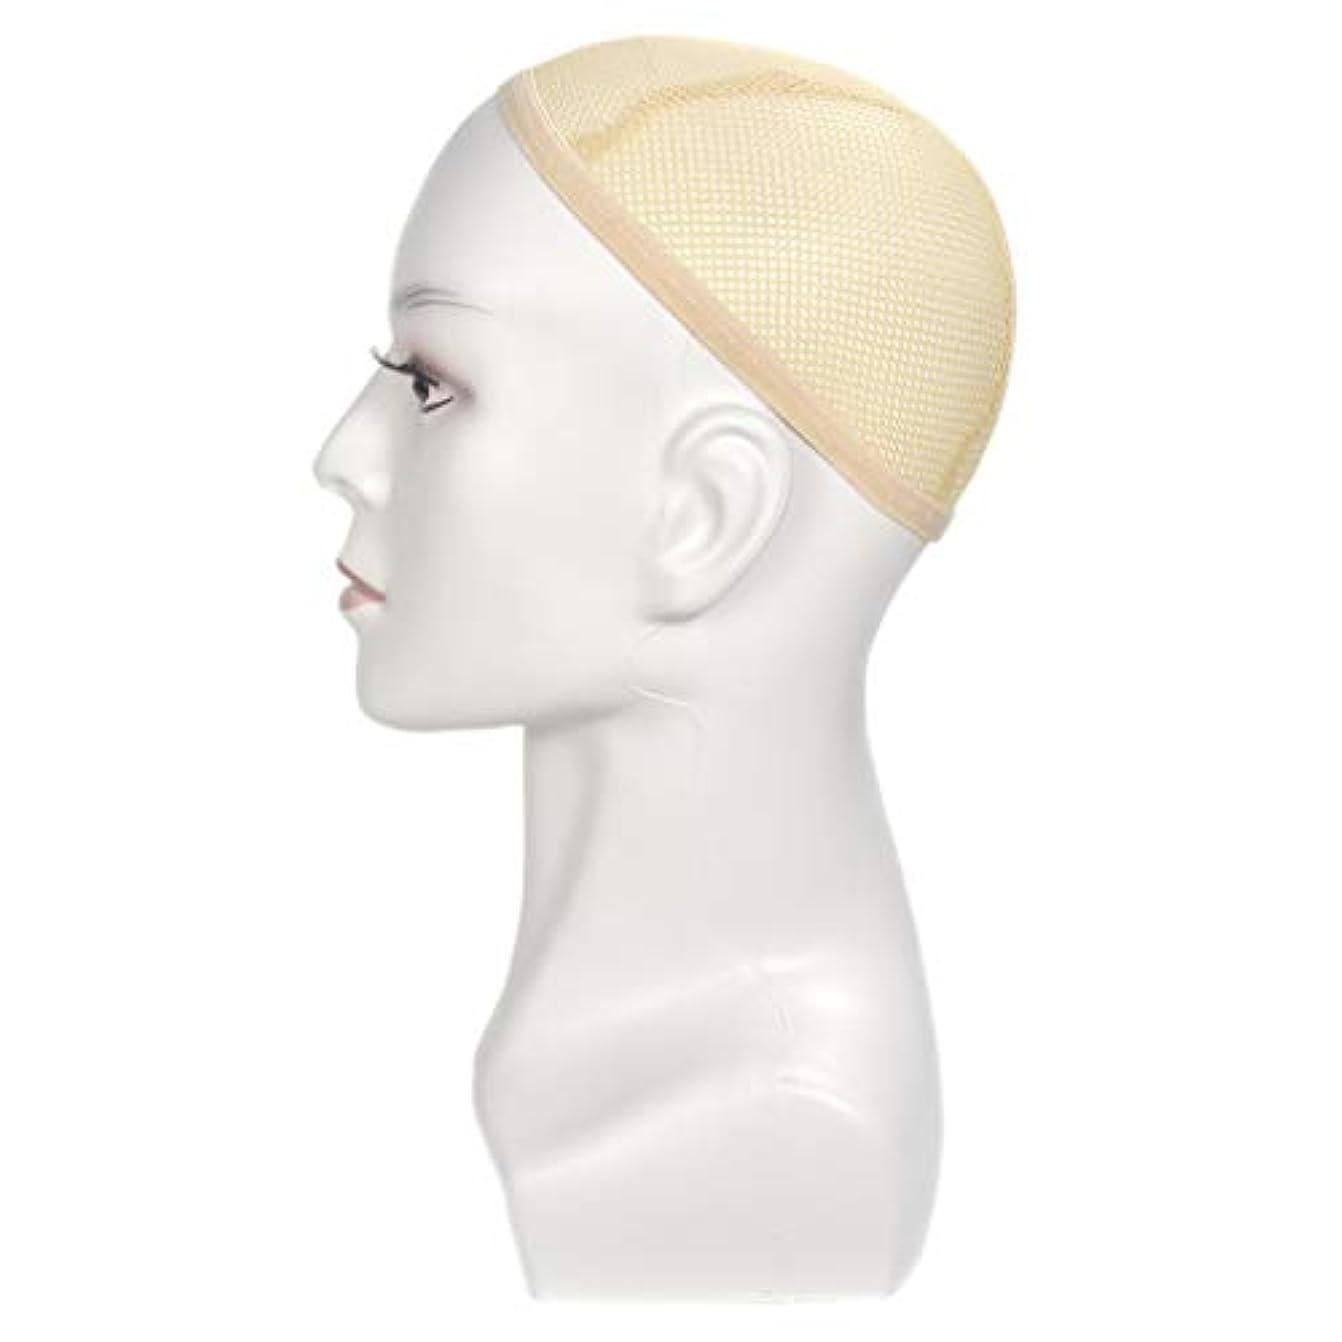 アリーナ傀儡悲劇ウィッグ用マネキンヘッドディスプレイスタイリング理髪トレーニングヘッド13.8インチ-色の選択 - 白